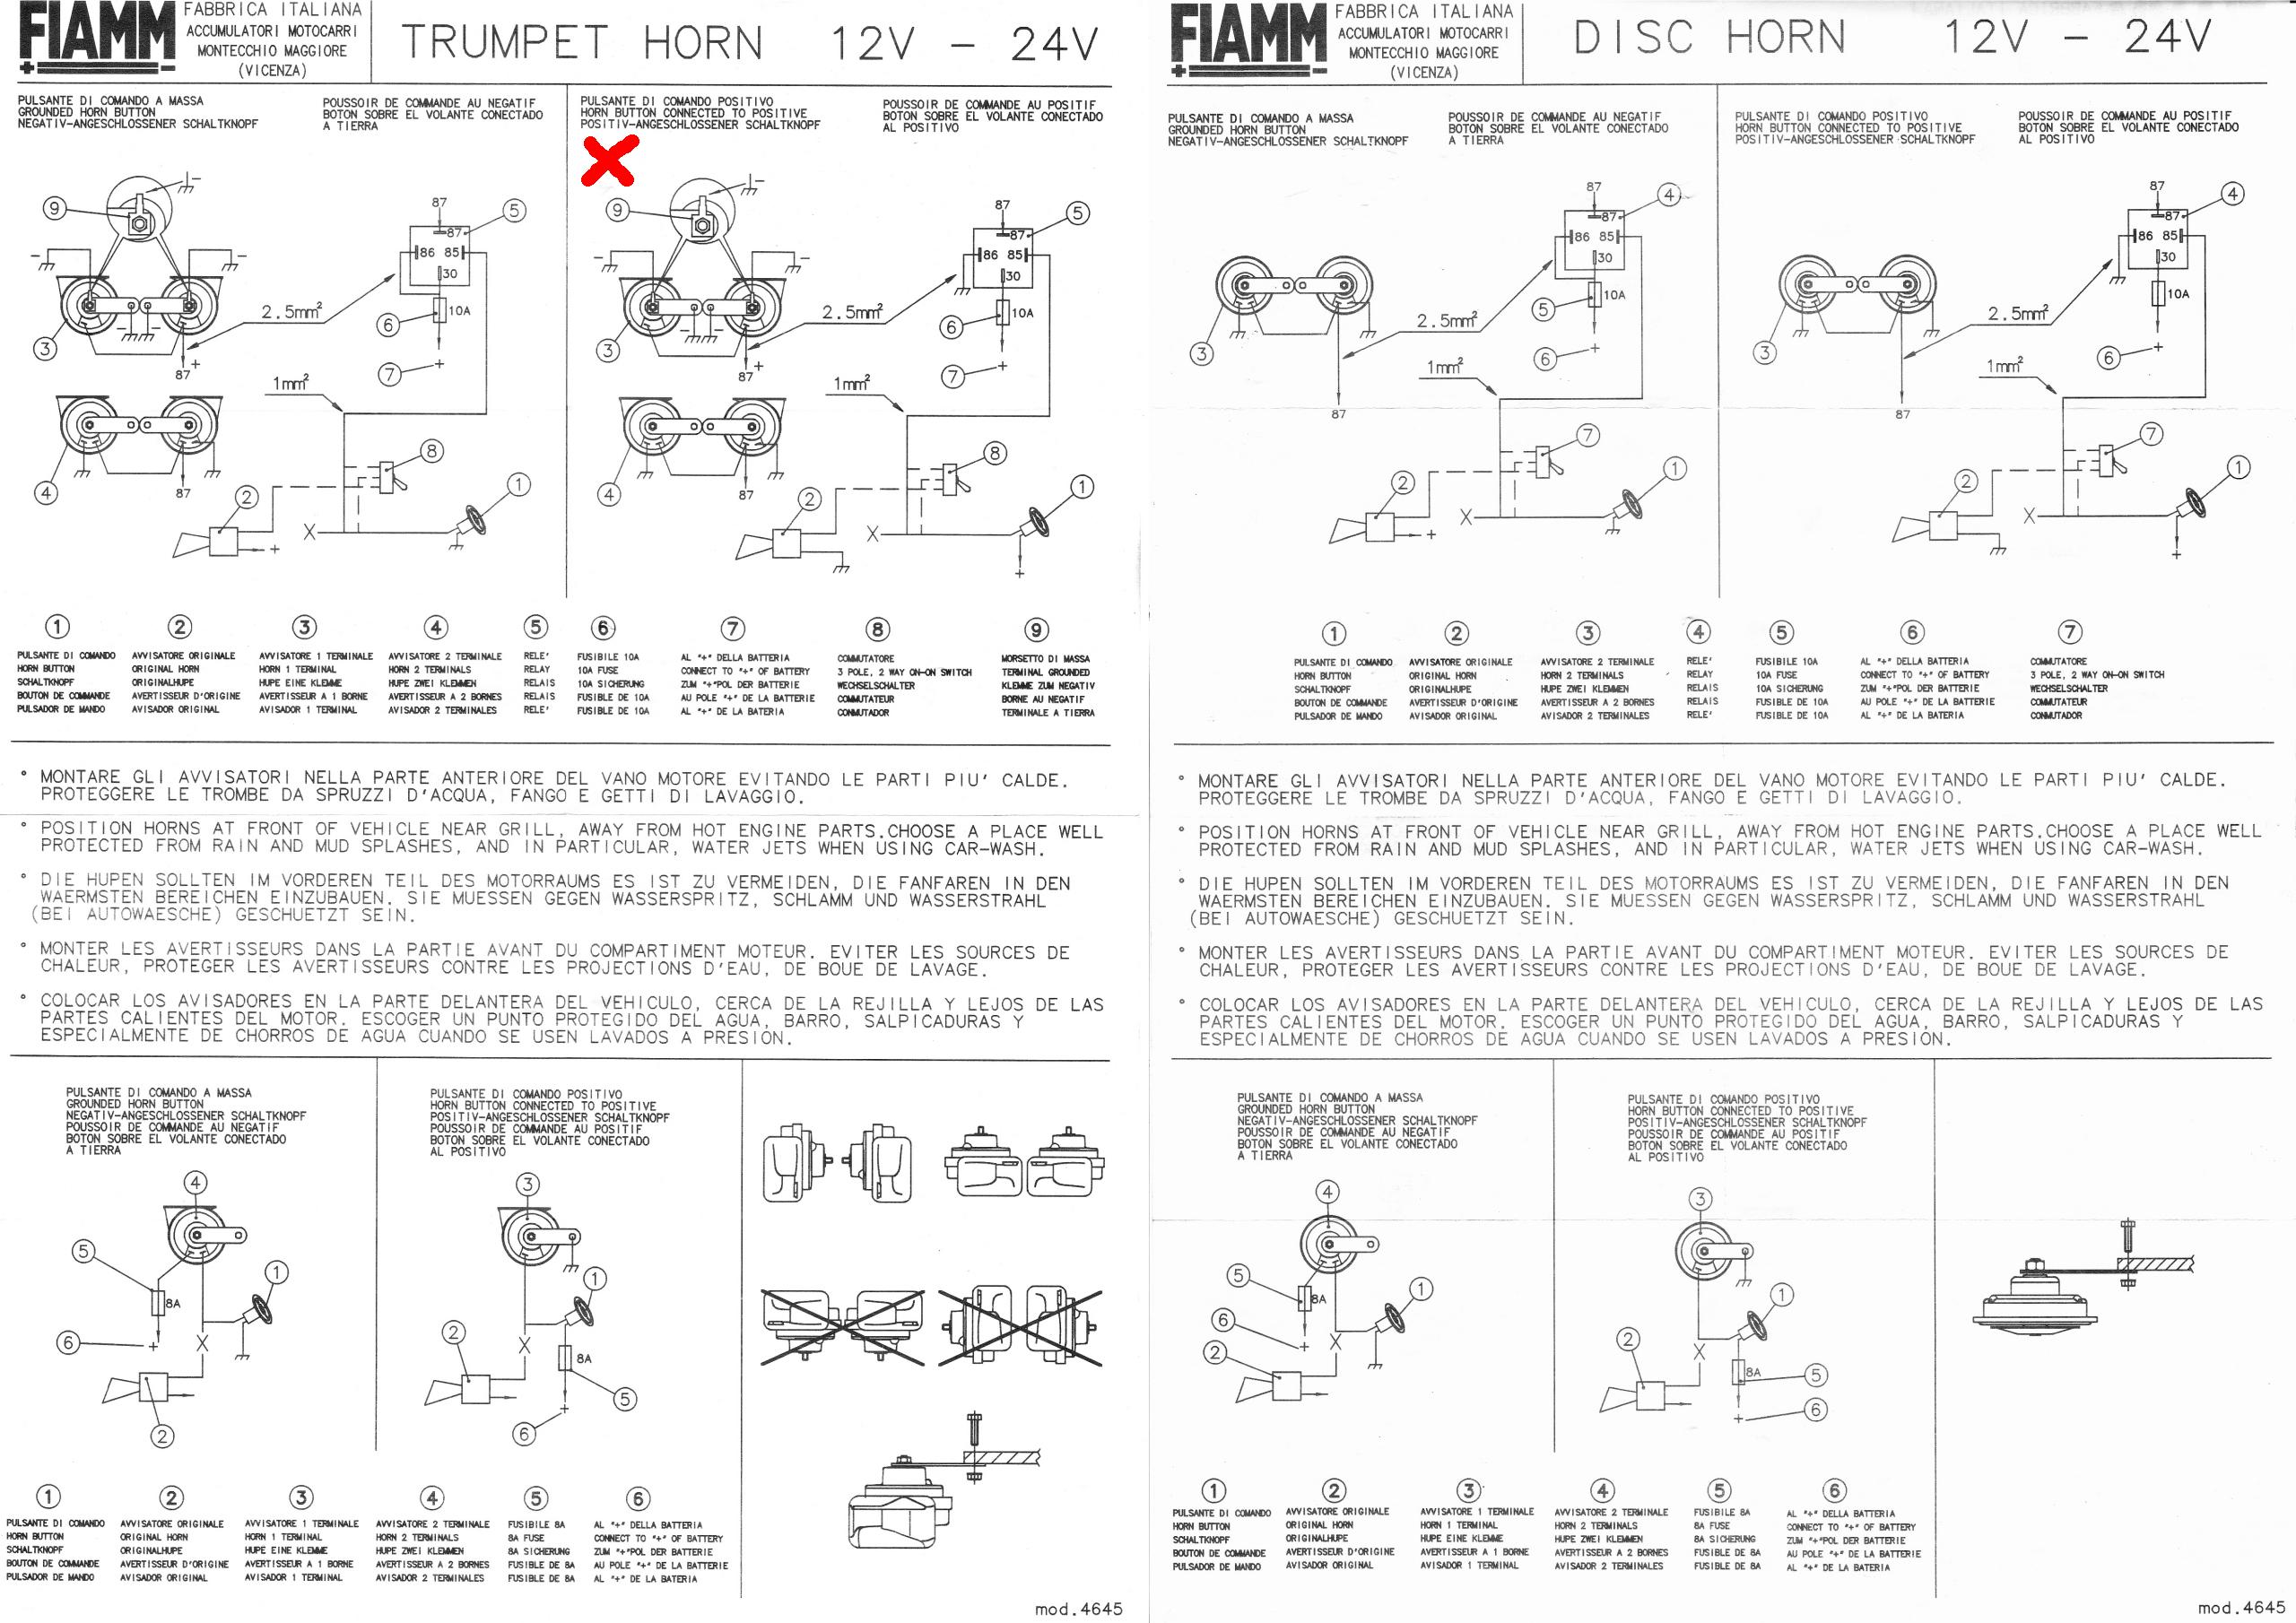 Schema Elettrico Per Montaggio Fendinebbia : Schema elettrico clacson auto fare di una mosca